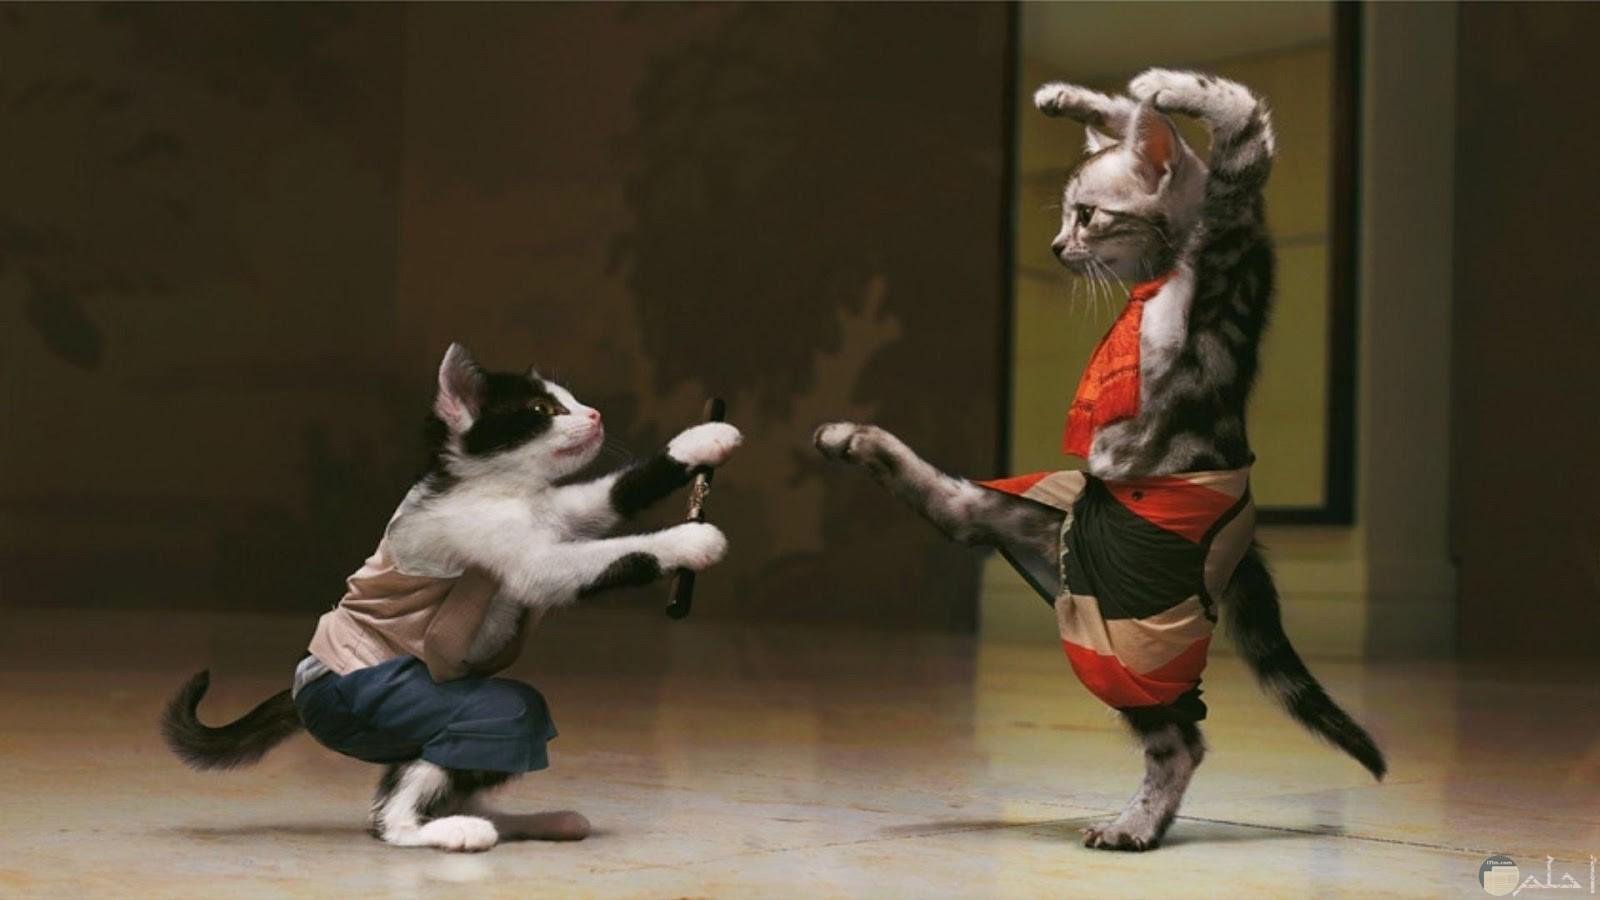 صورة قطين مضحكين بلبس مقاتلان يتقاتلان للفيس بوك